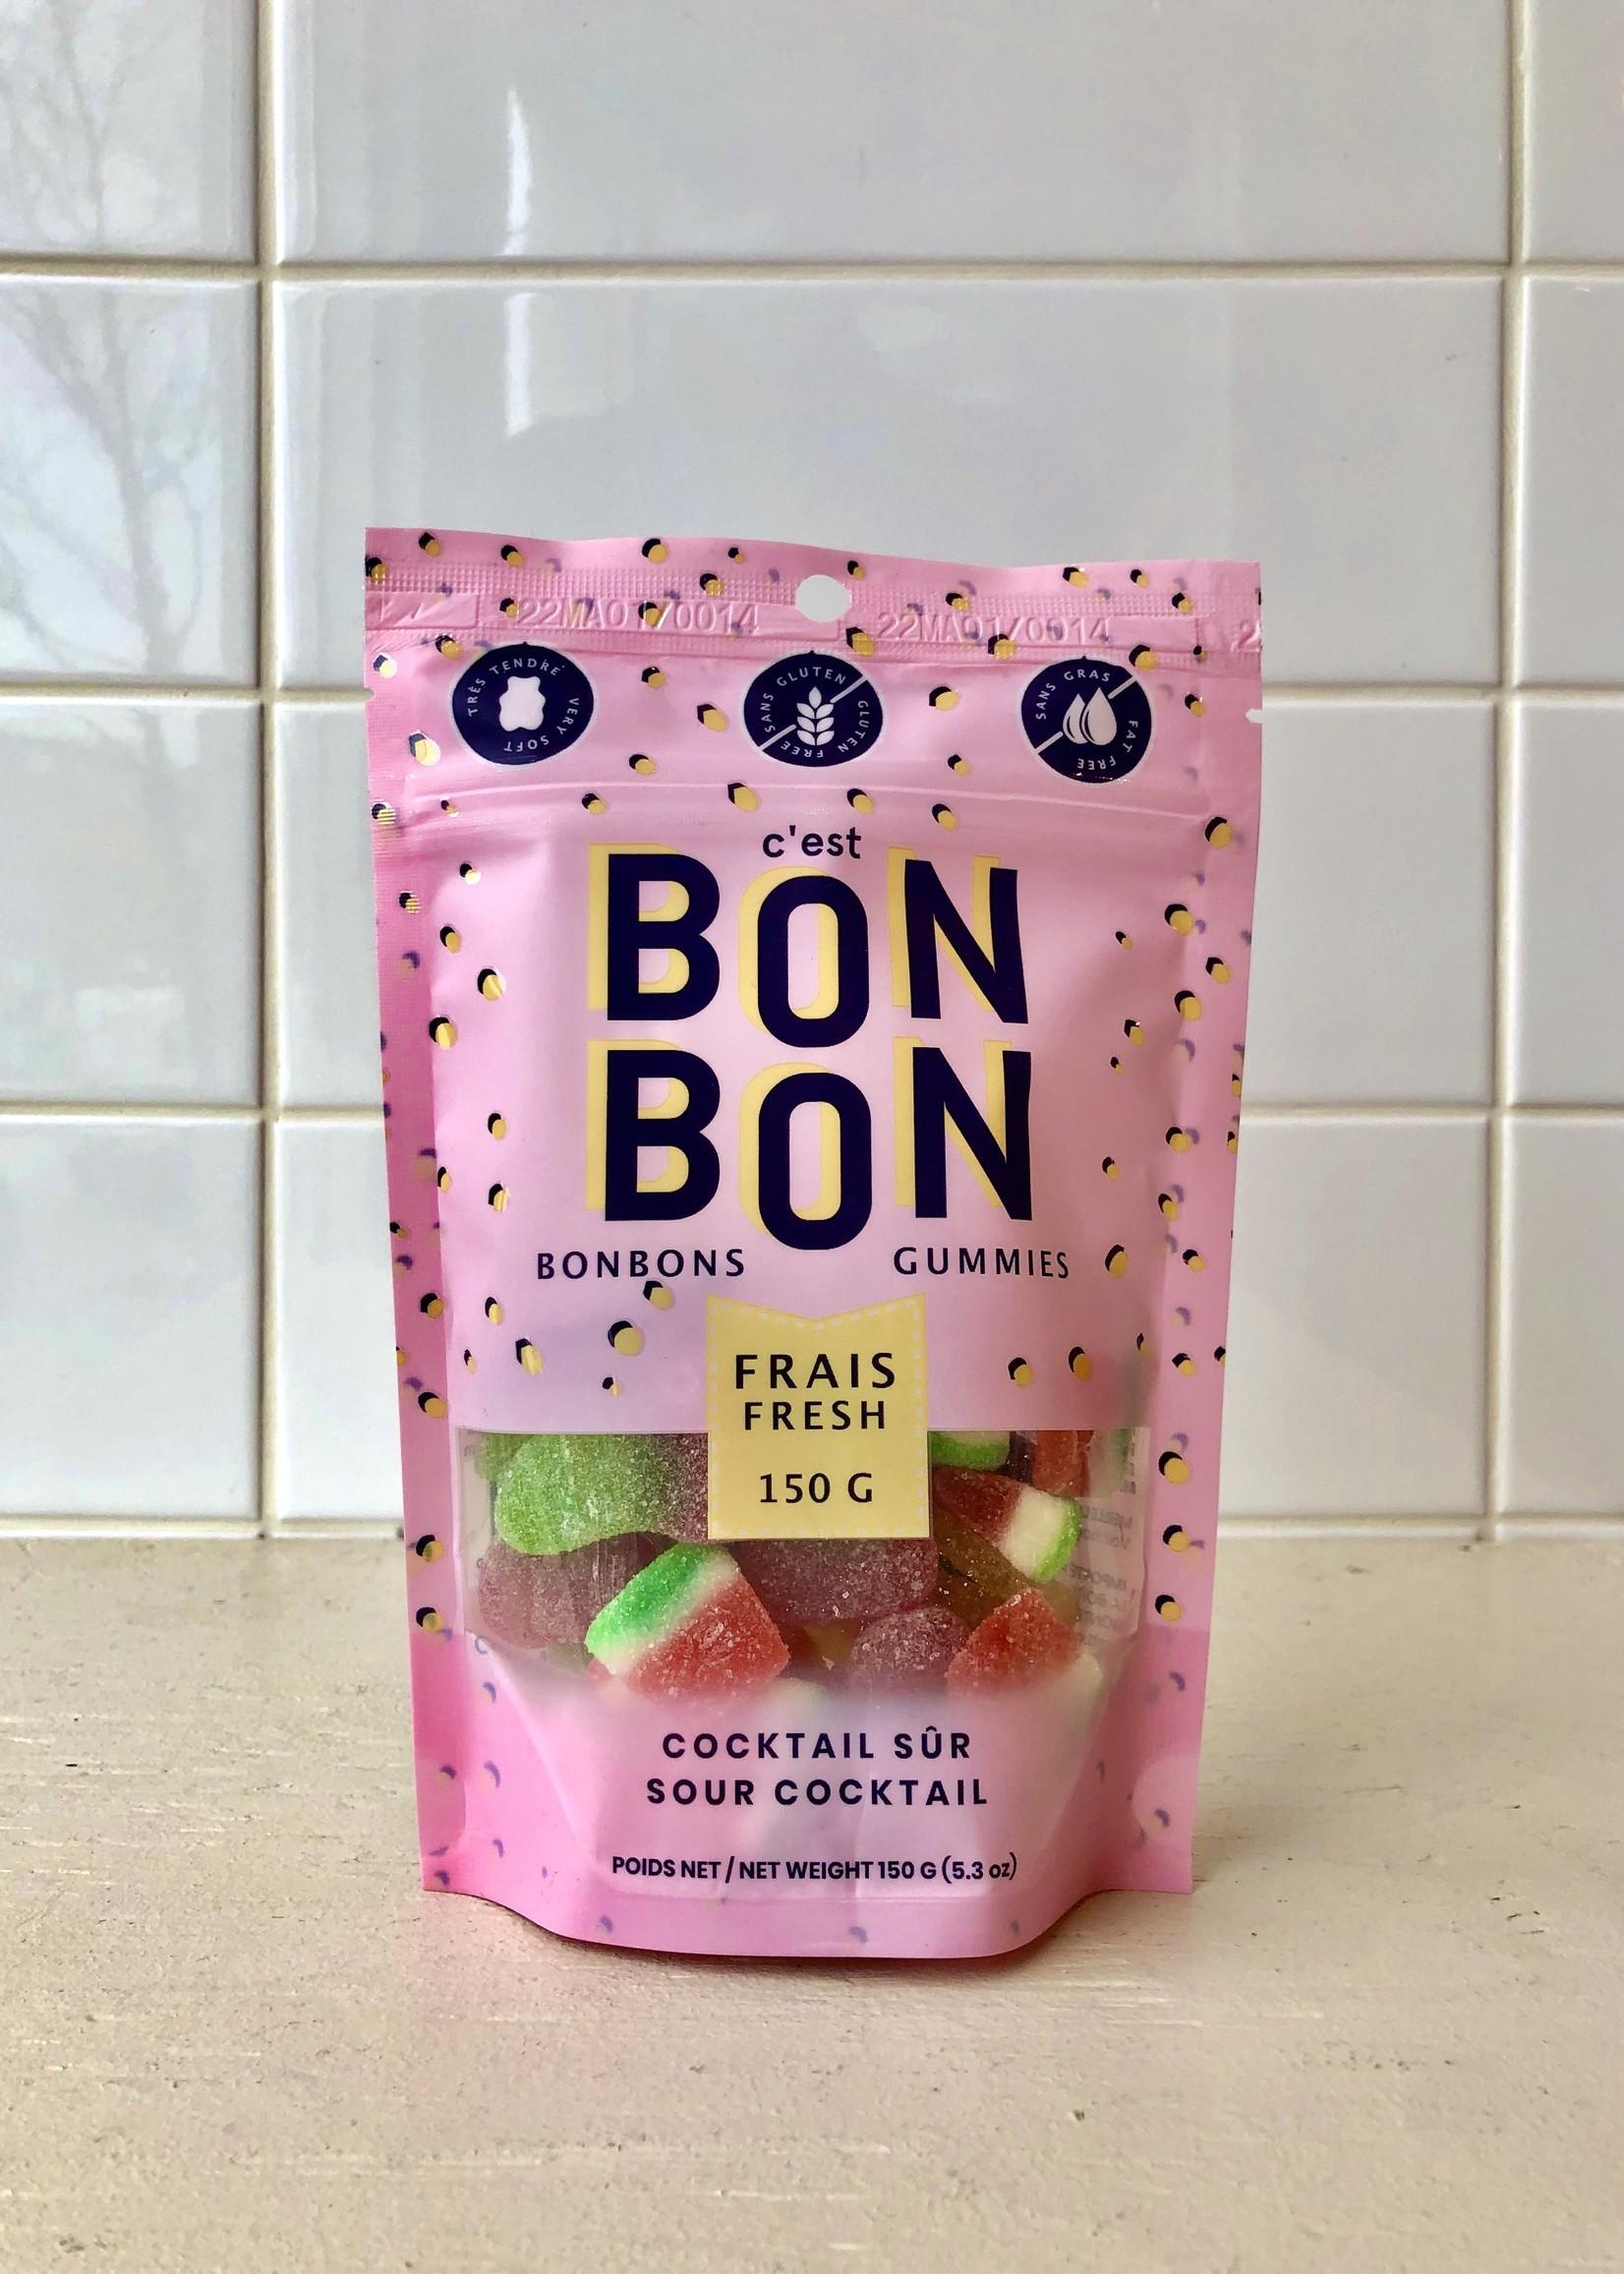 C'est Bon Bon Mixed Candy